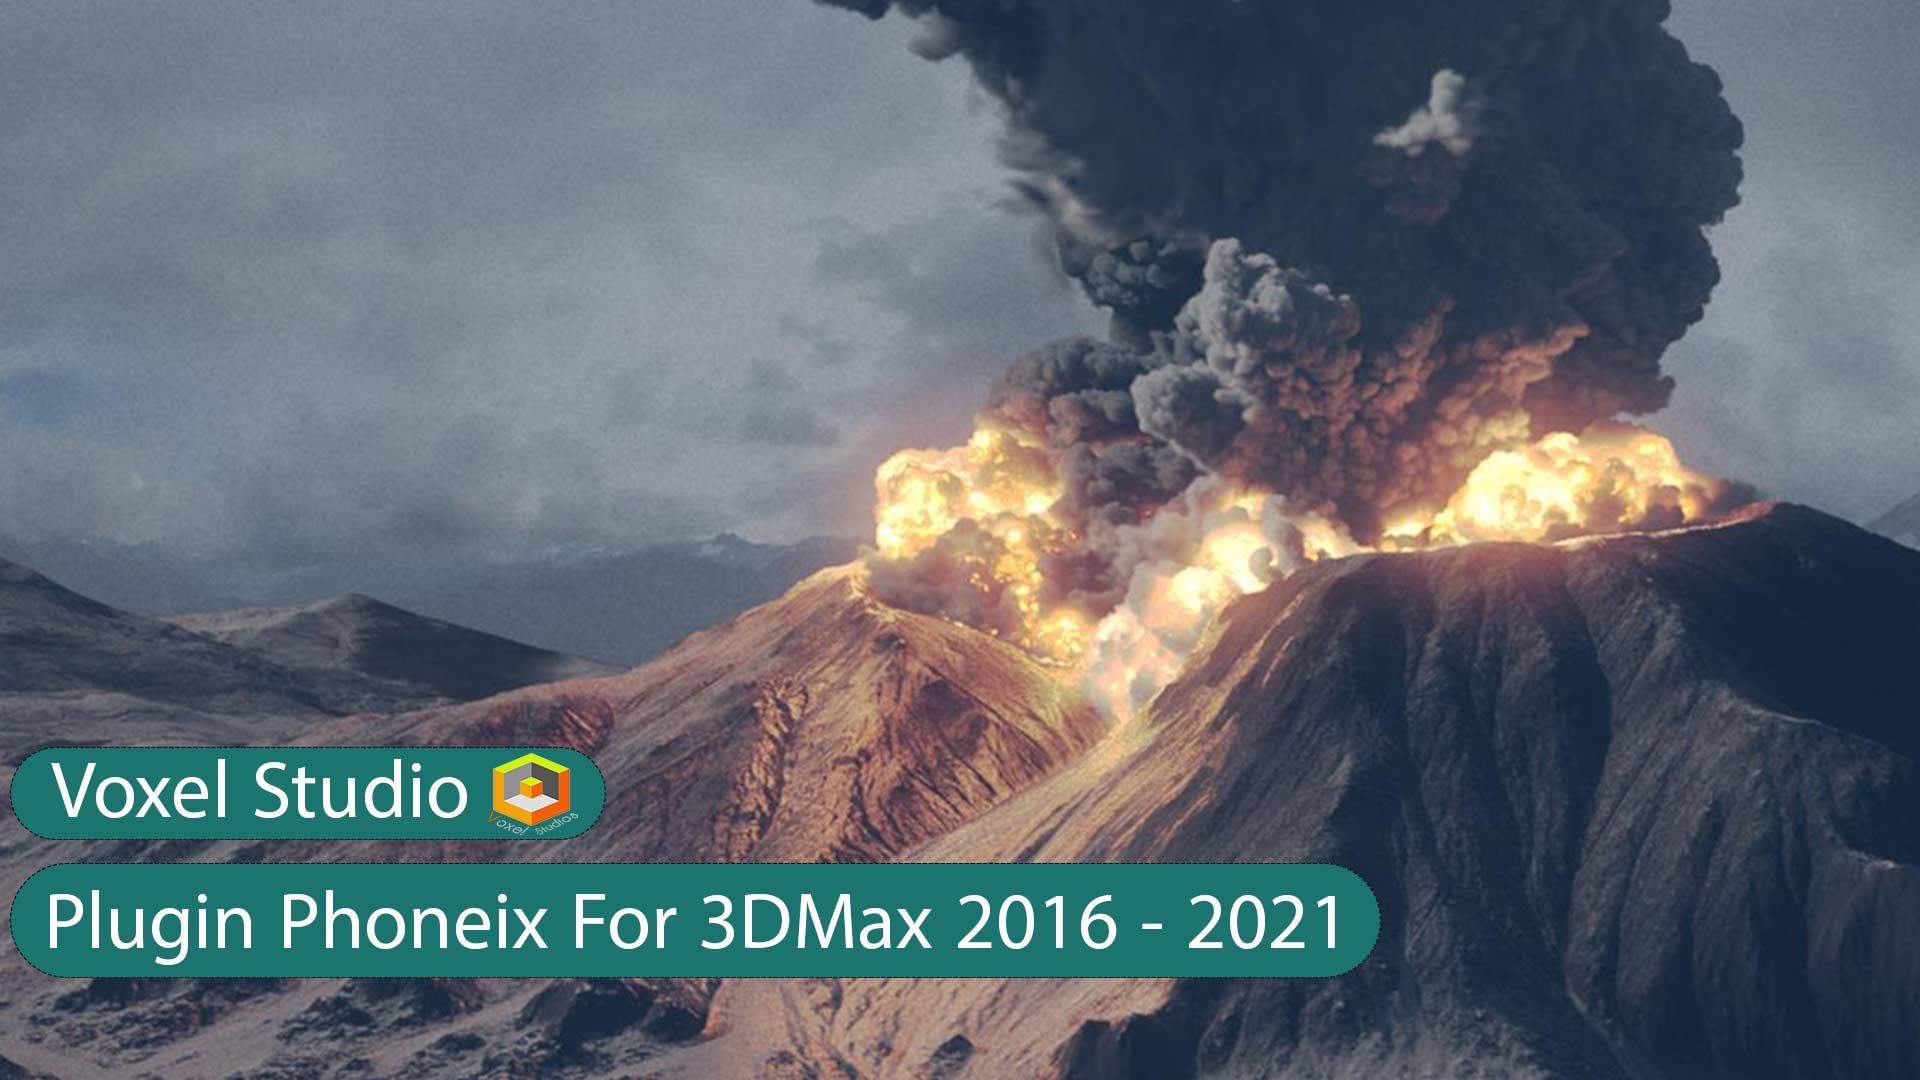 دانلود پلاگین Phoenix FD v4 برای 2016 3ds max تا 2021